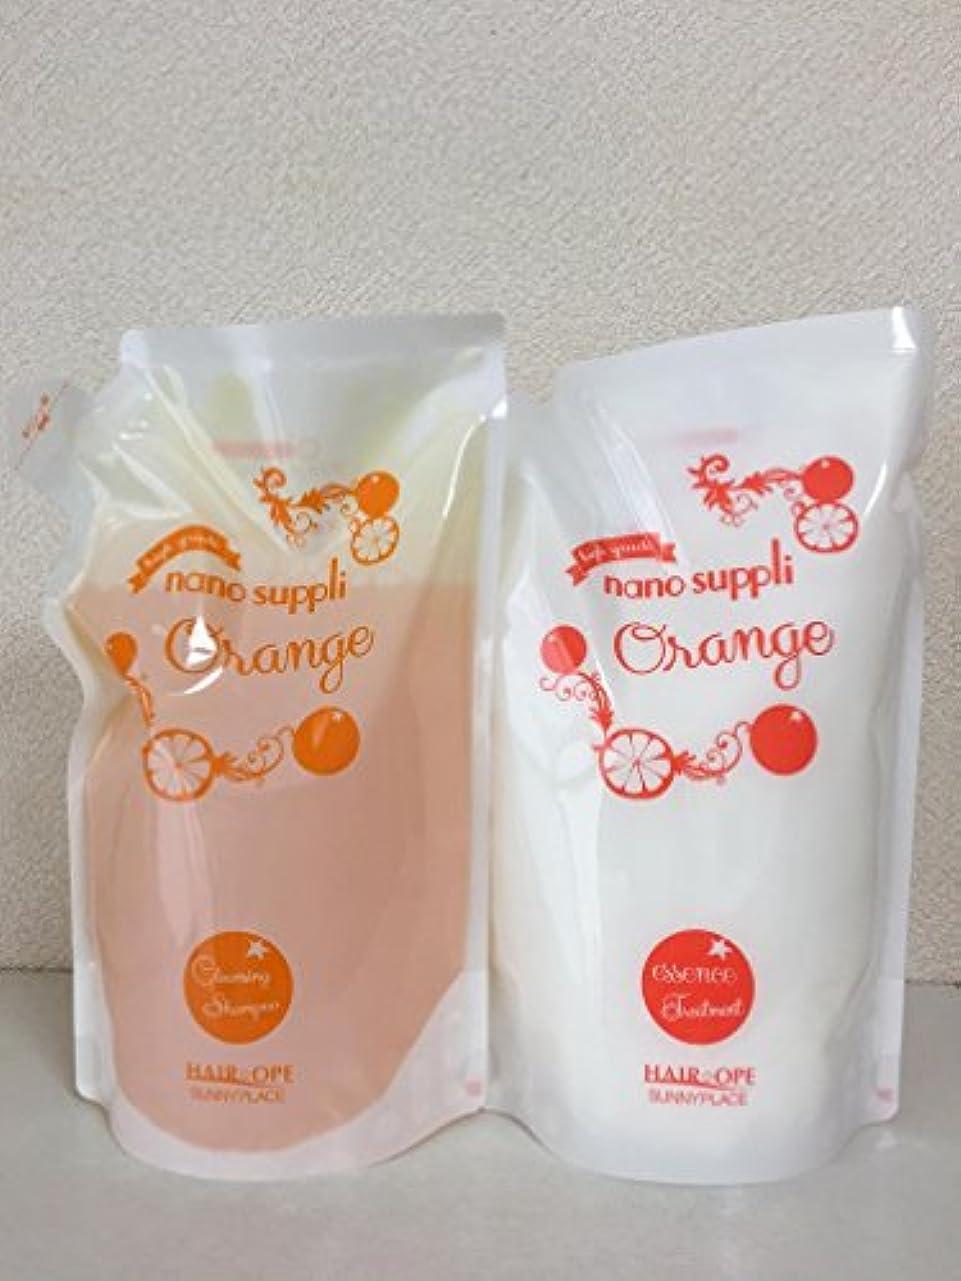 シェア増強する異形サニープレイス ナノサプリ クレンジングシャンプー&コンディショナー オレンジ 800ml詰替えセット